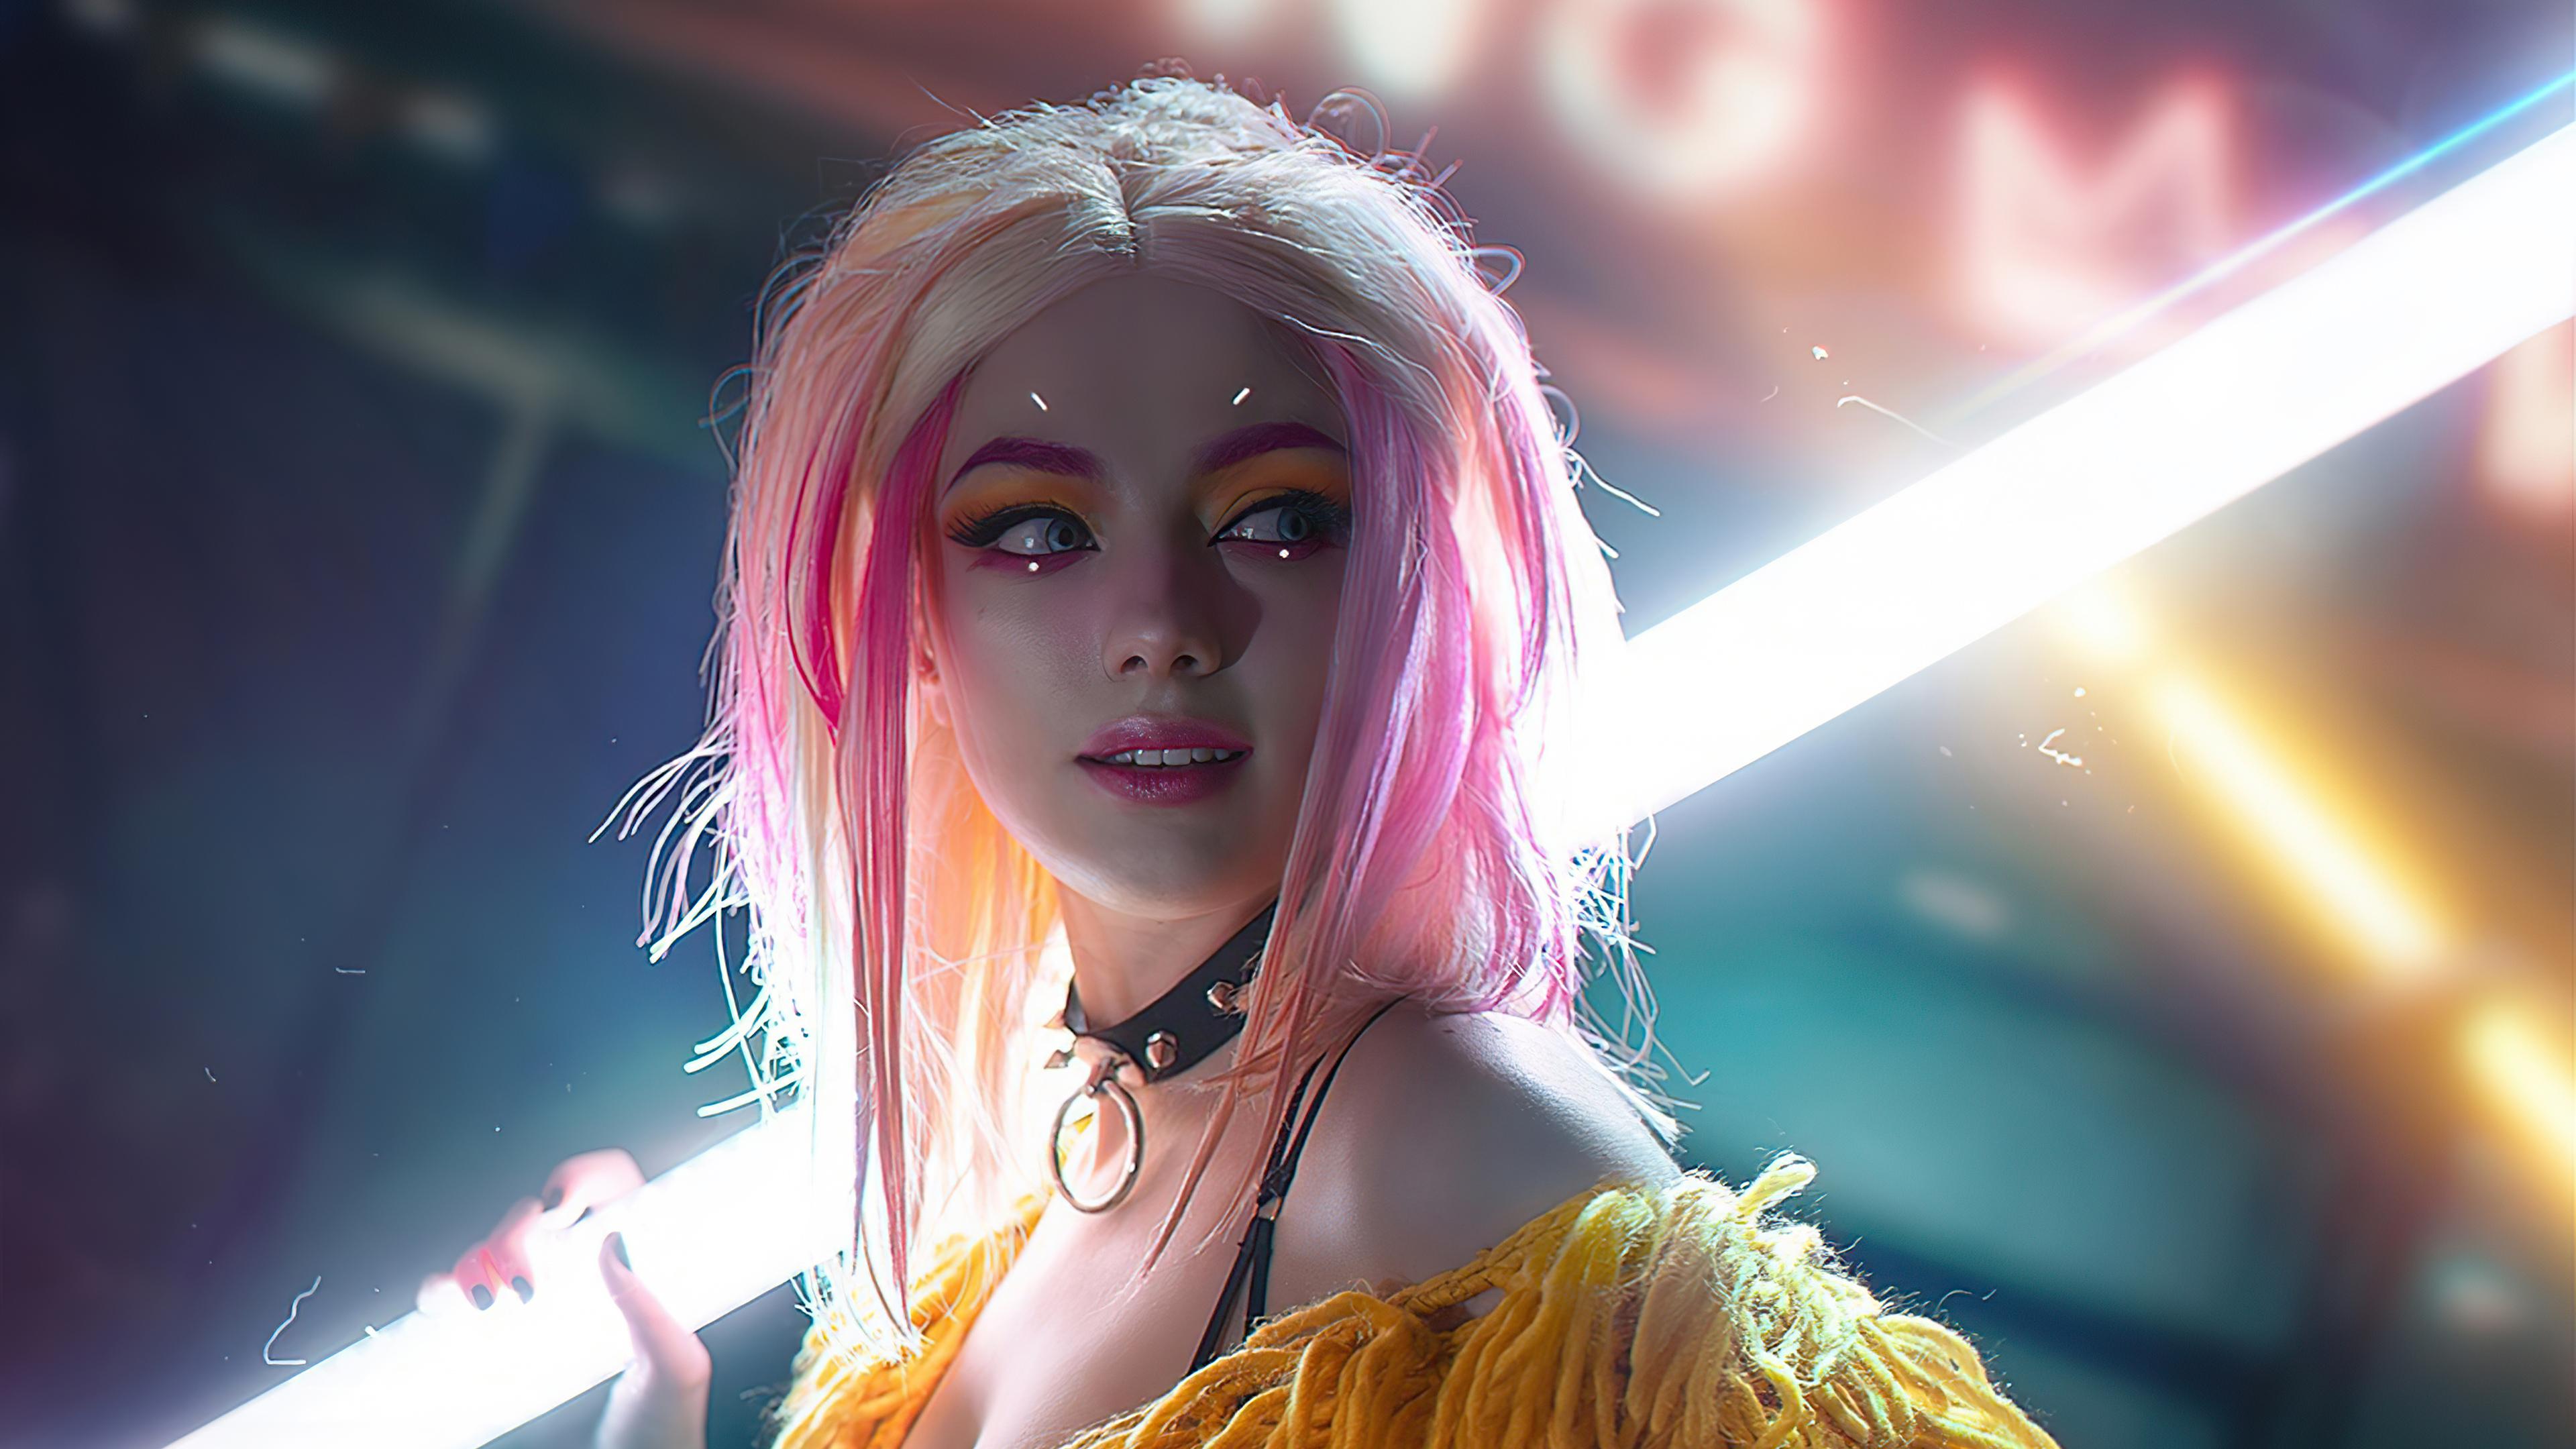 the cyberpunk girl cosplay 4k 1620166035 - The Cyberpunk Girl Cosplay 4k - The Cyberpunk Girl Cosplay 4k wallpapers